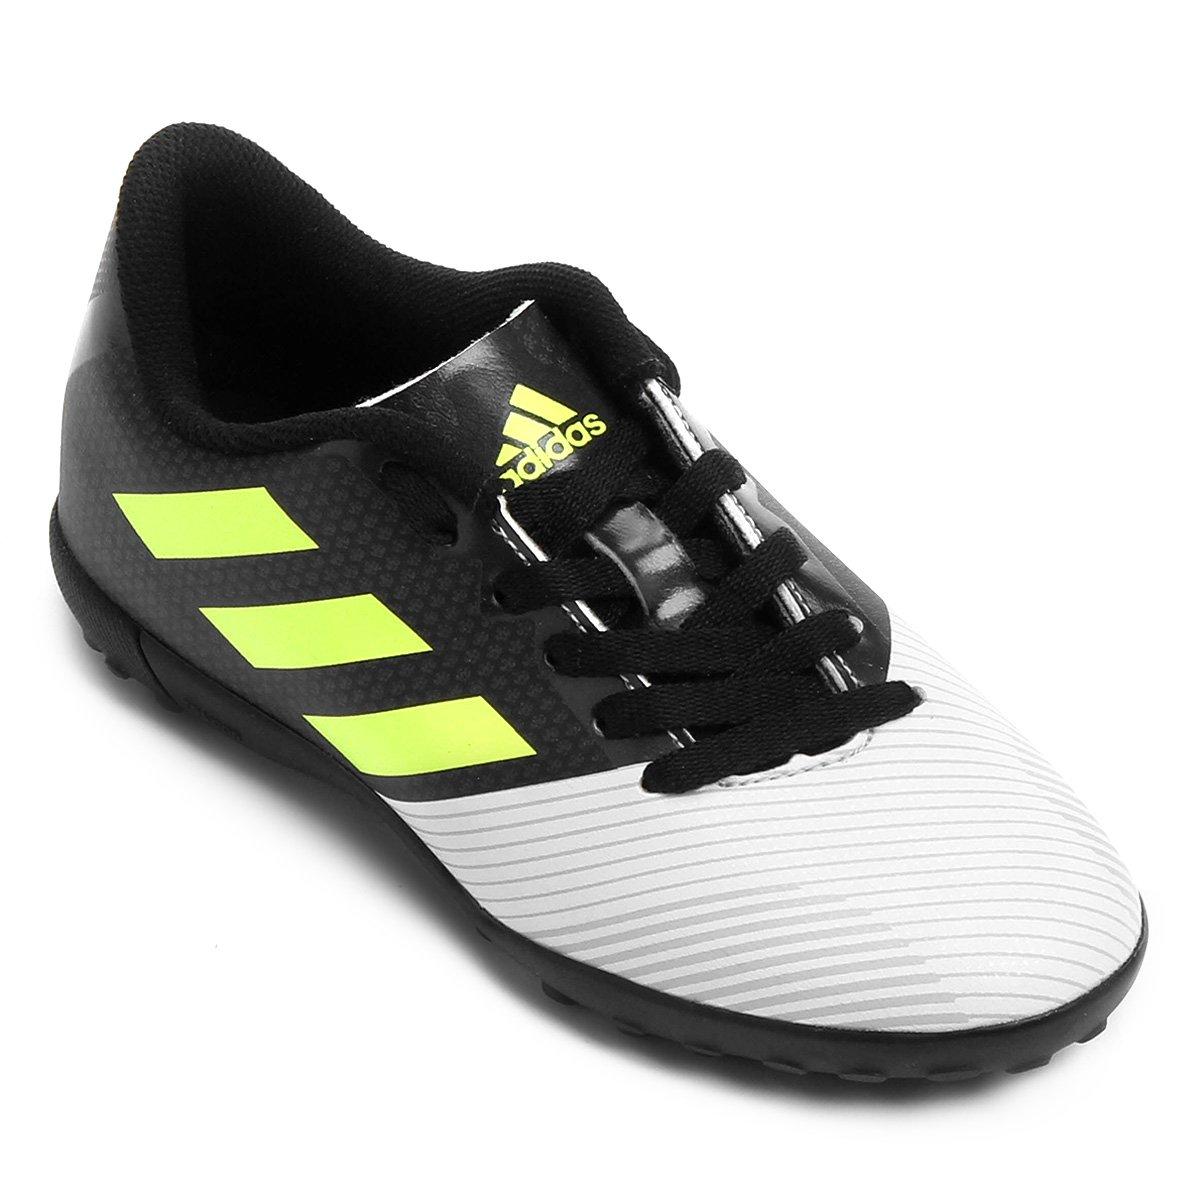 1bf09e32c3409 Chuteira Society Juvenil Adidas Artilheira 17 TF - Compre Agora ...